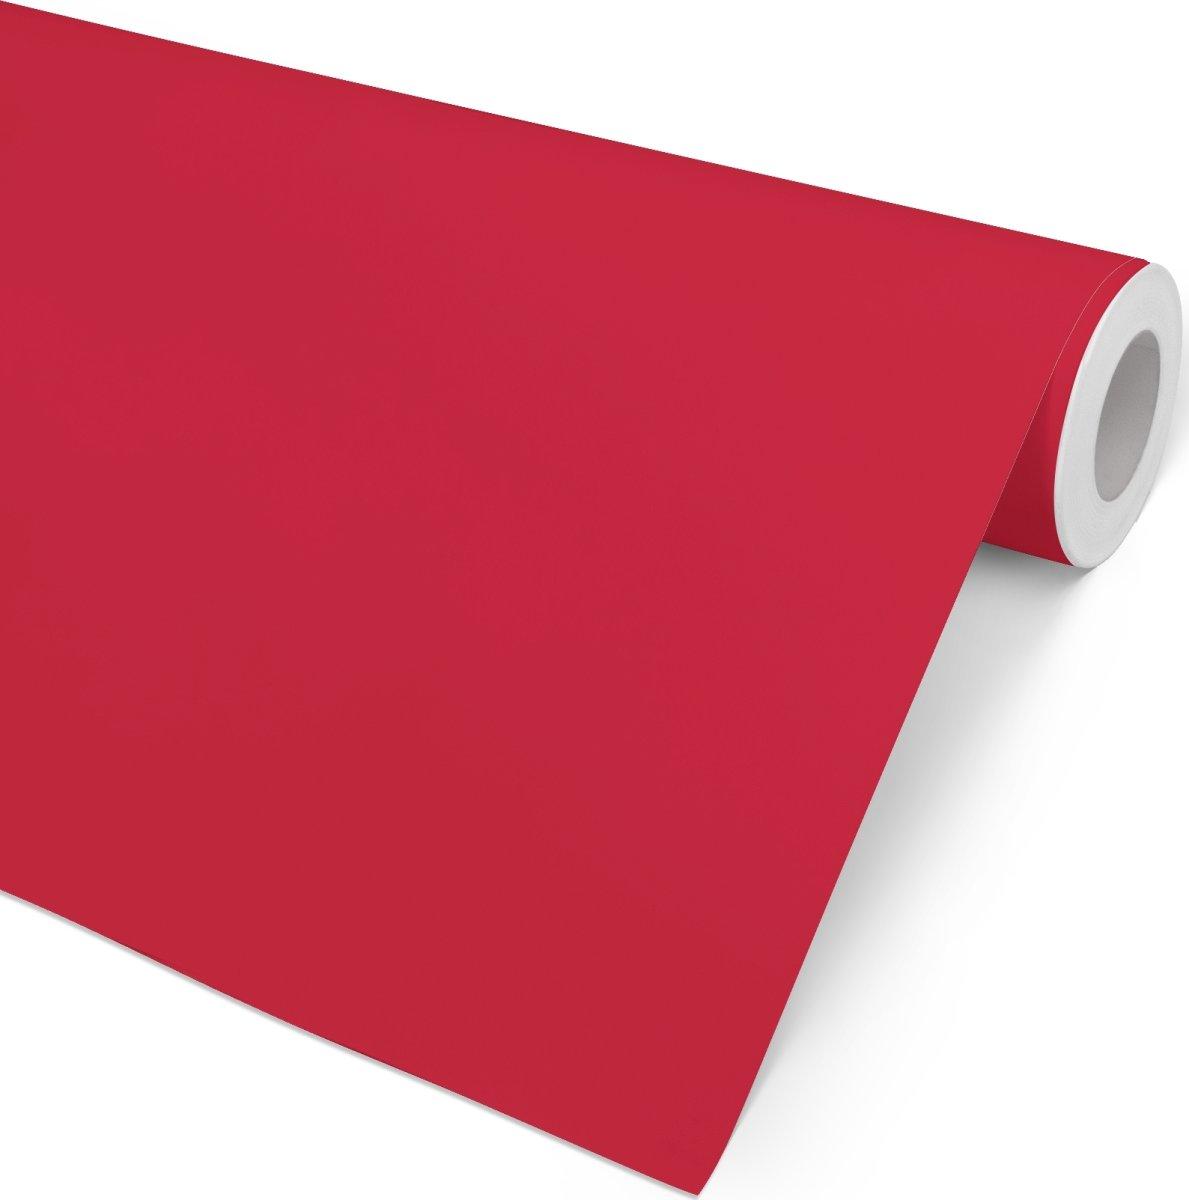 Gavepapir Ensfarvet Rød, 57 cm x 154 m